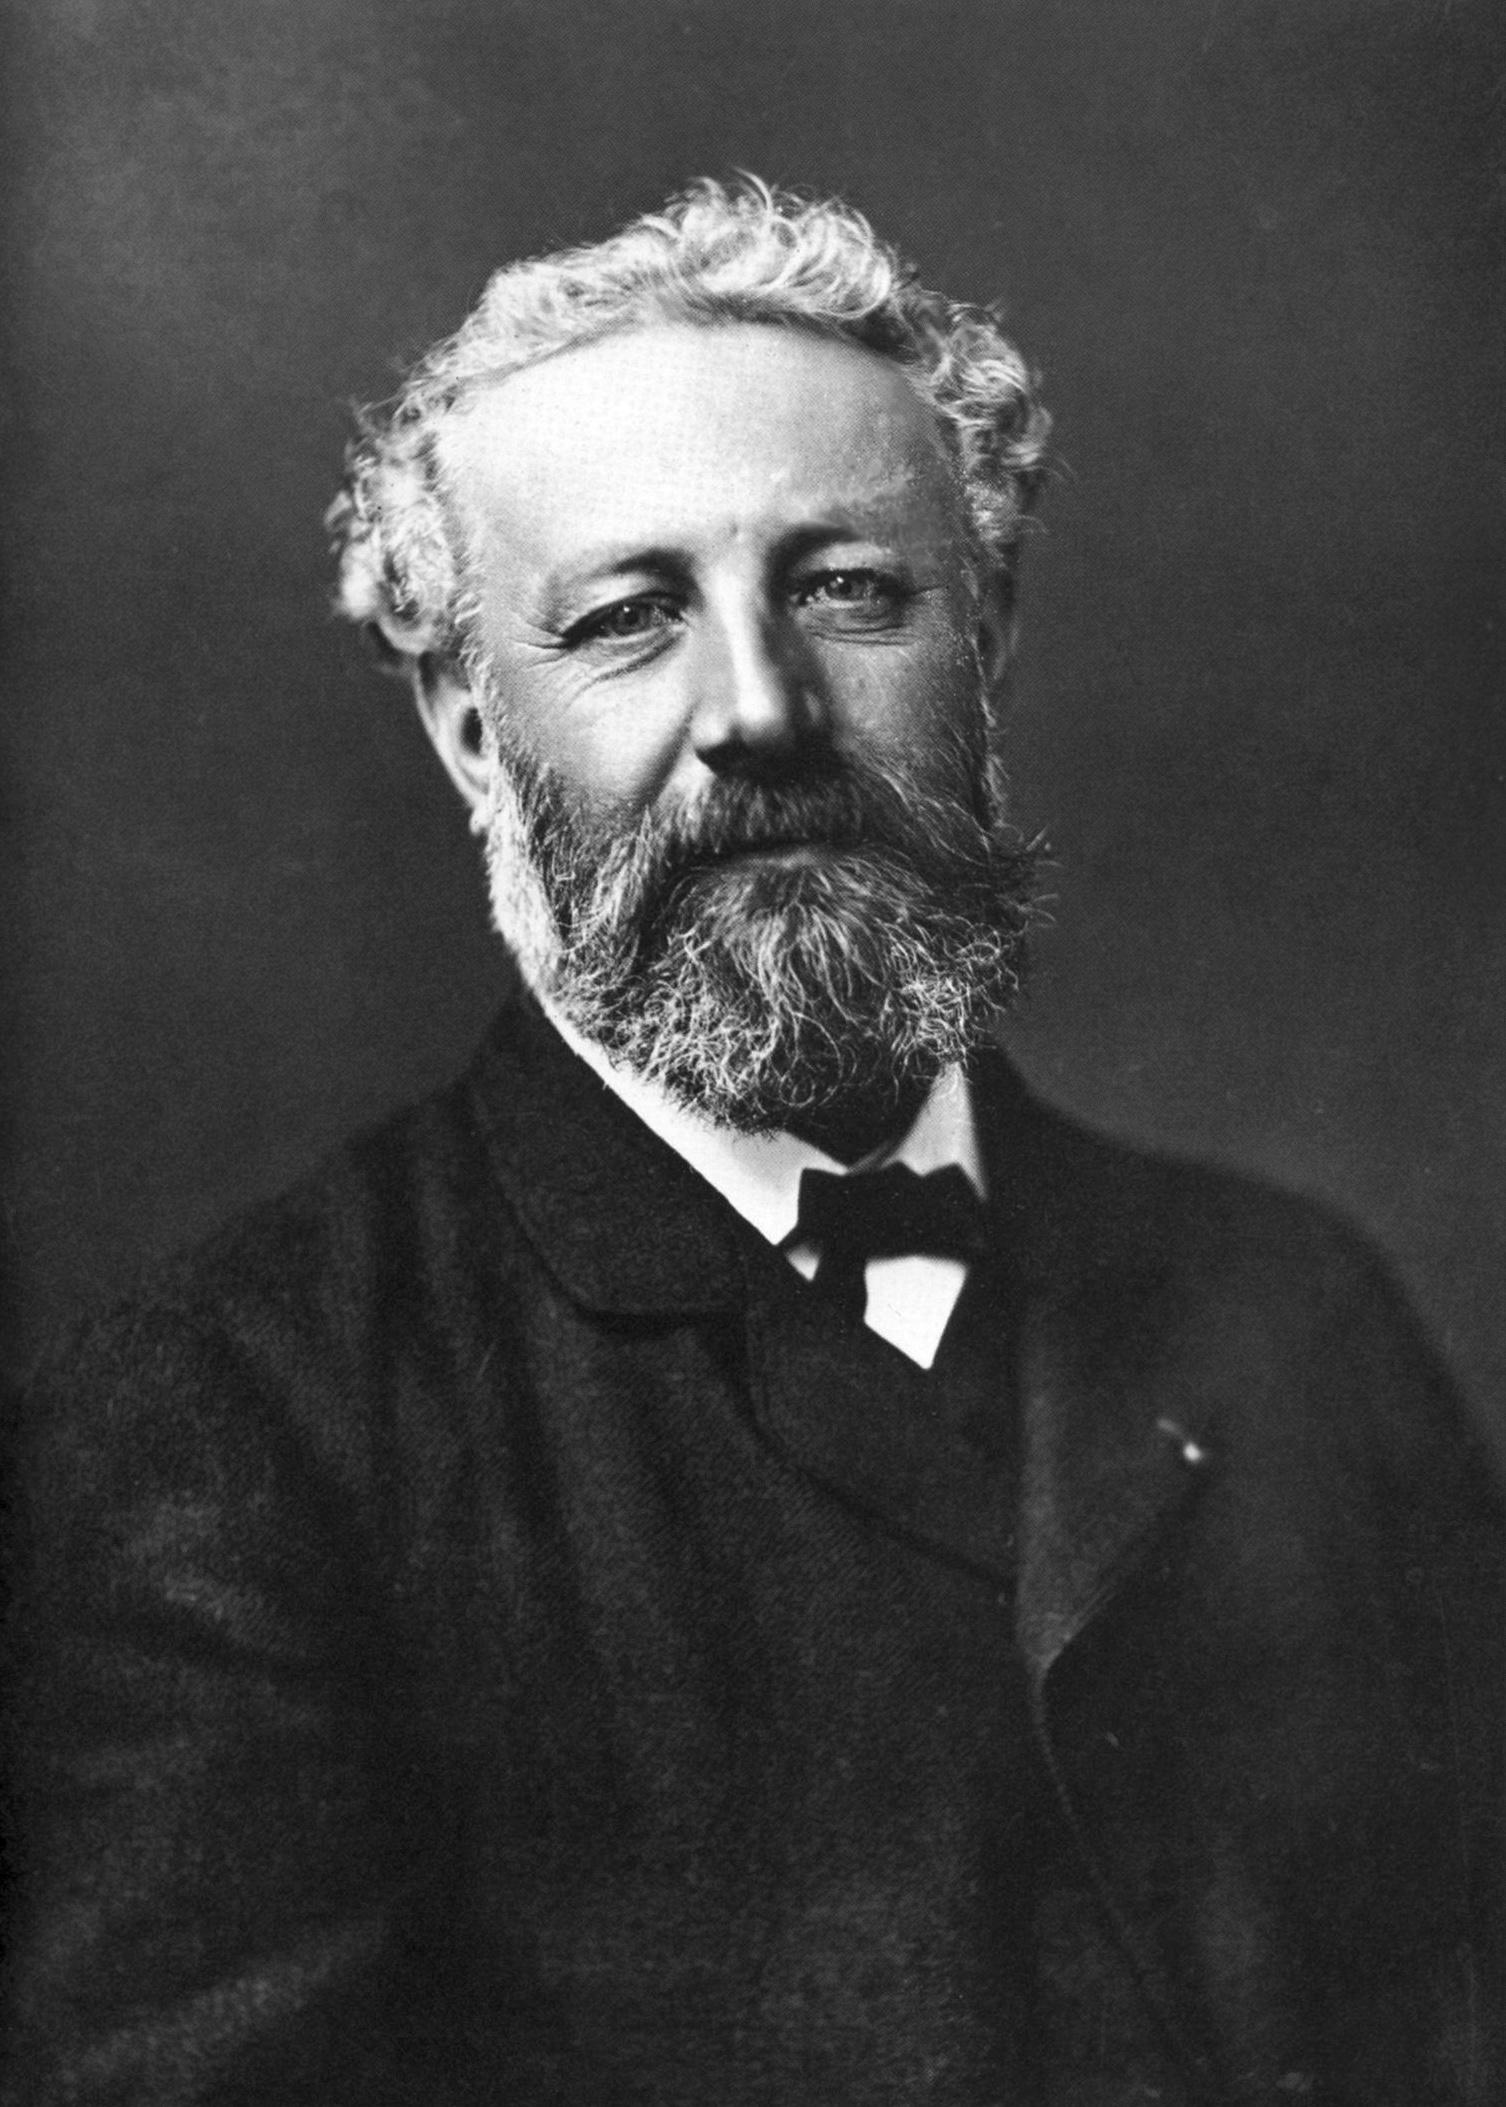 Veja o que saiu no Migalhas sobre Júlio Verne